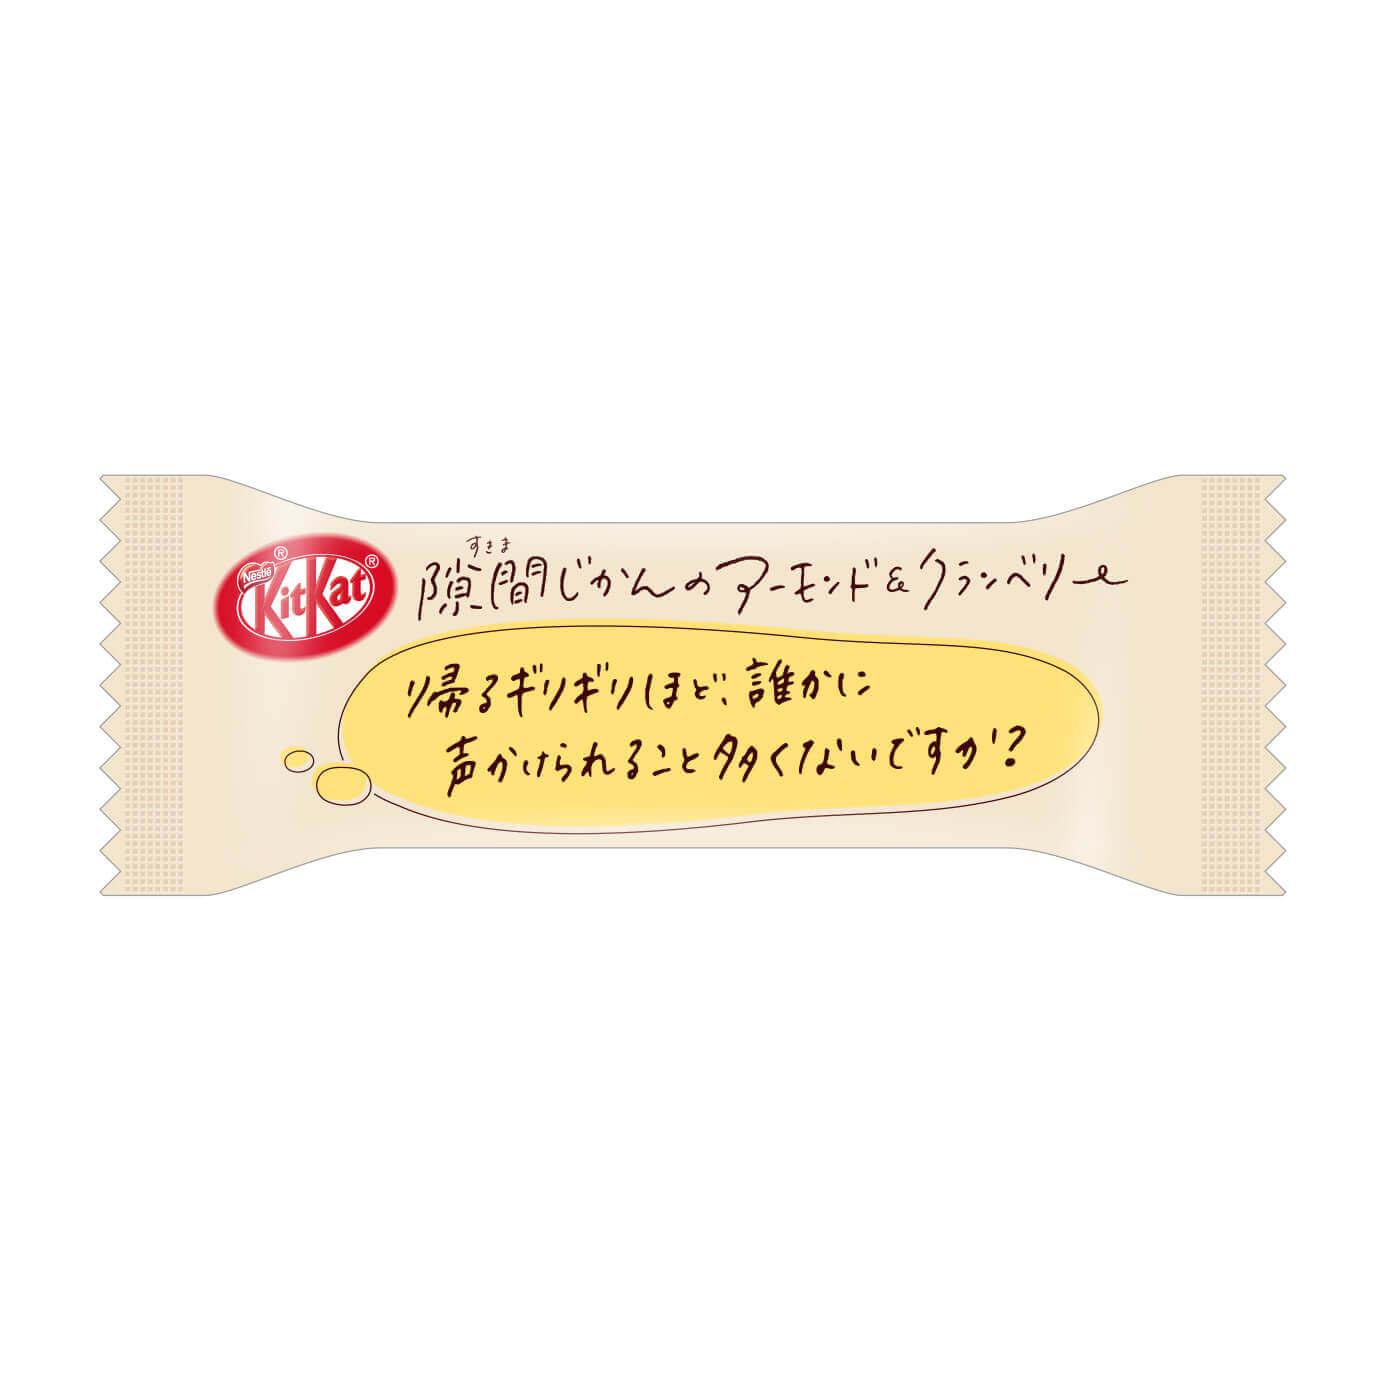 『キットカット 隙間じかんのアーモンド&クランベリー』-個包装パッケージ